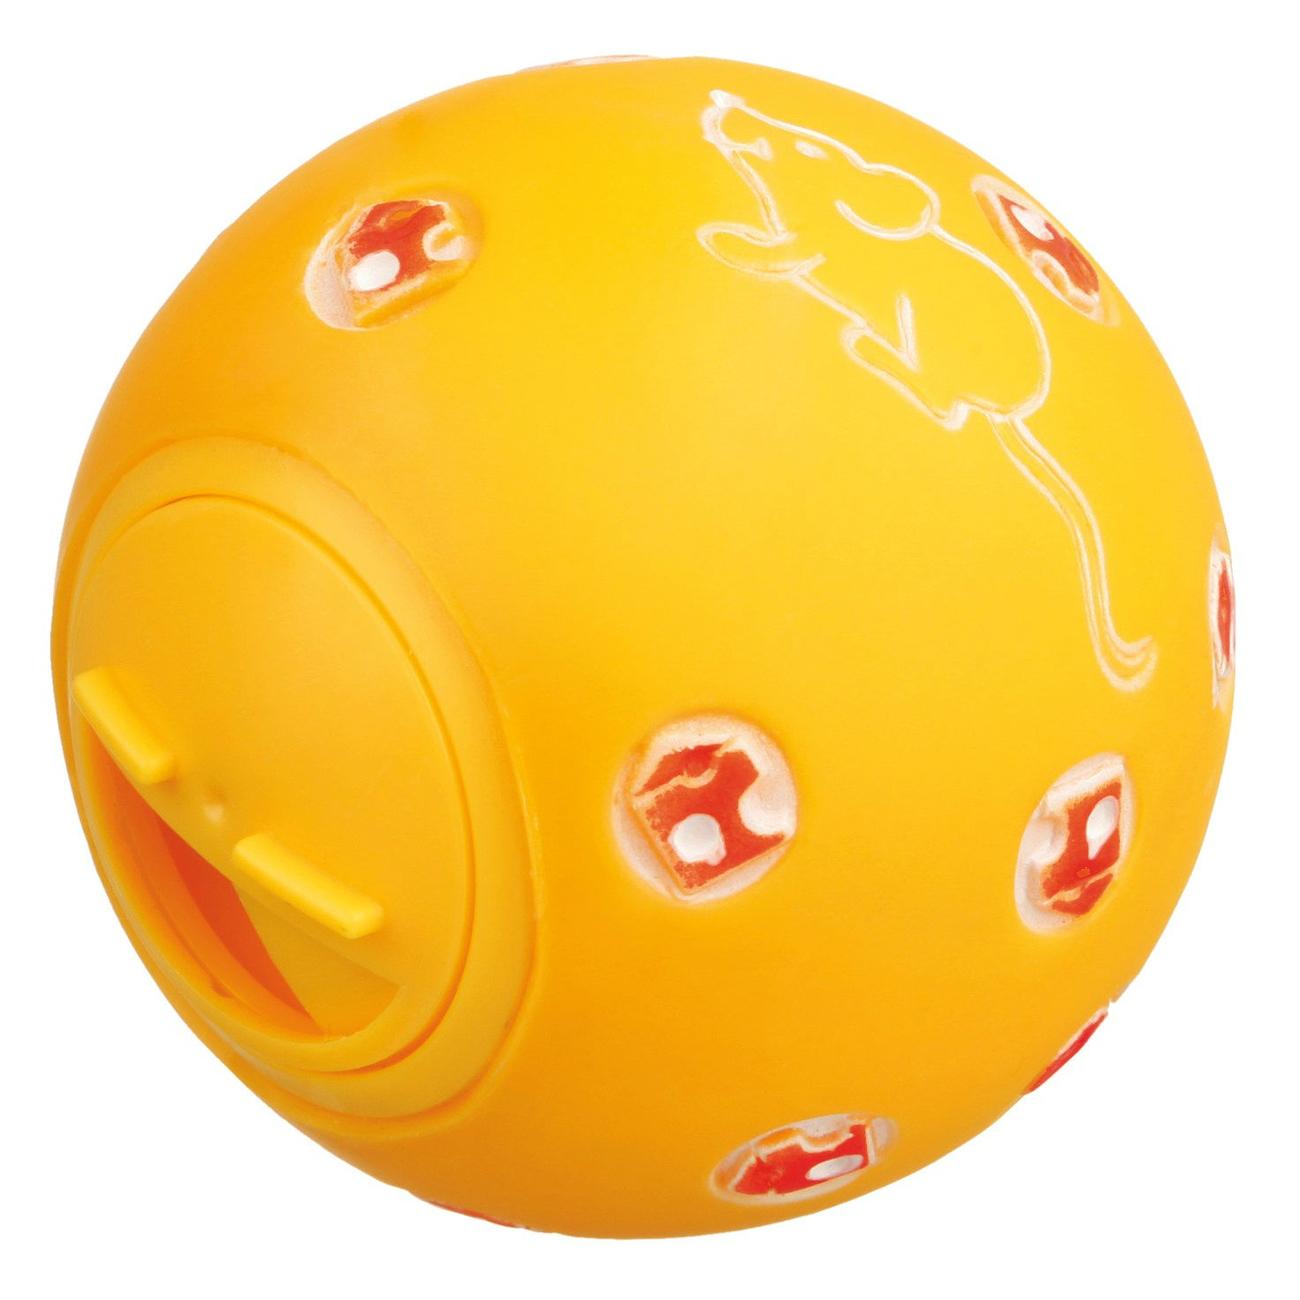 Trixie Snacky Spielball für Katzen 4137, Bild 3